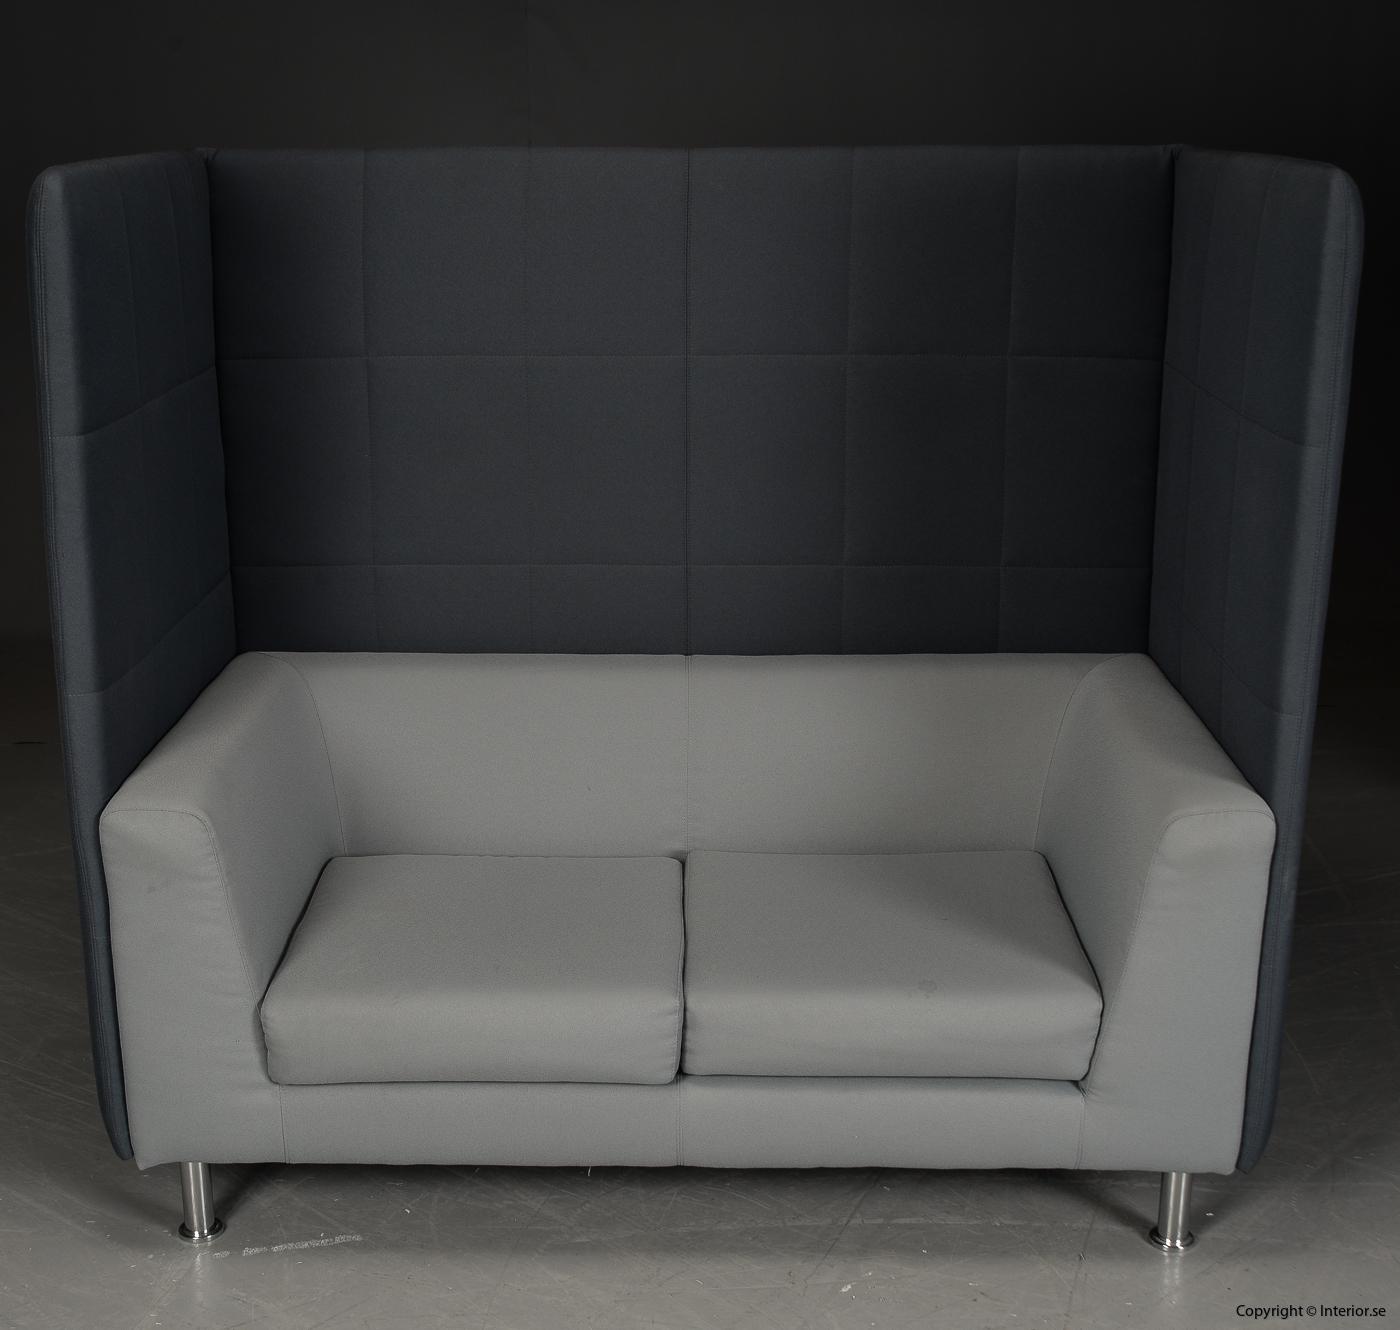 Soffa med högt ryggstöd, Holmris Free Air 2 High Straight modern design 6